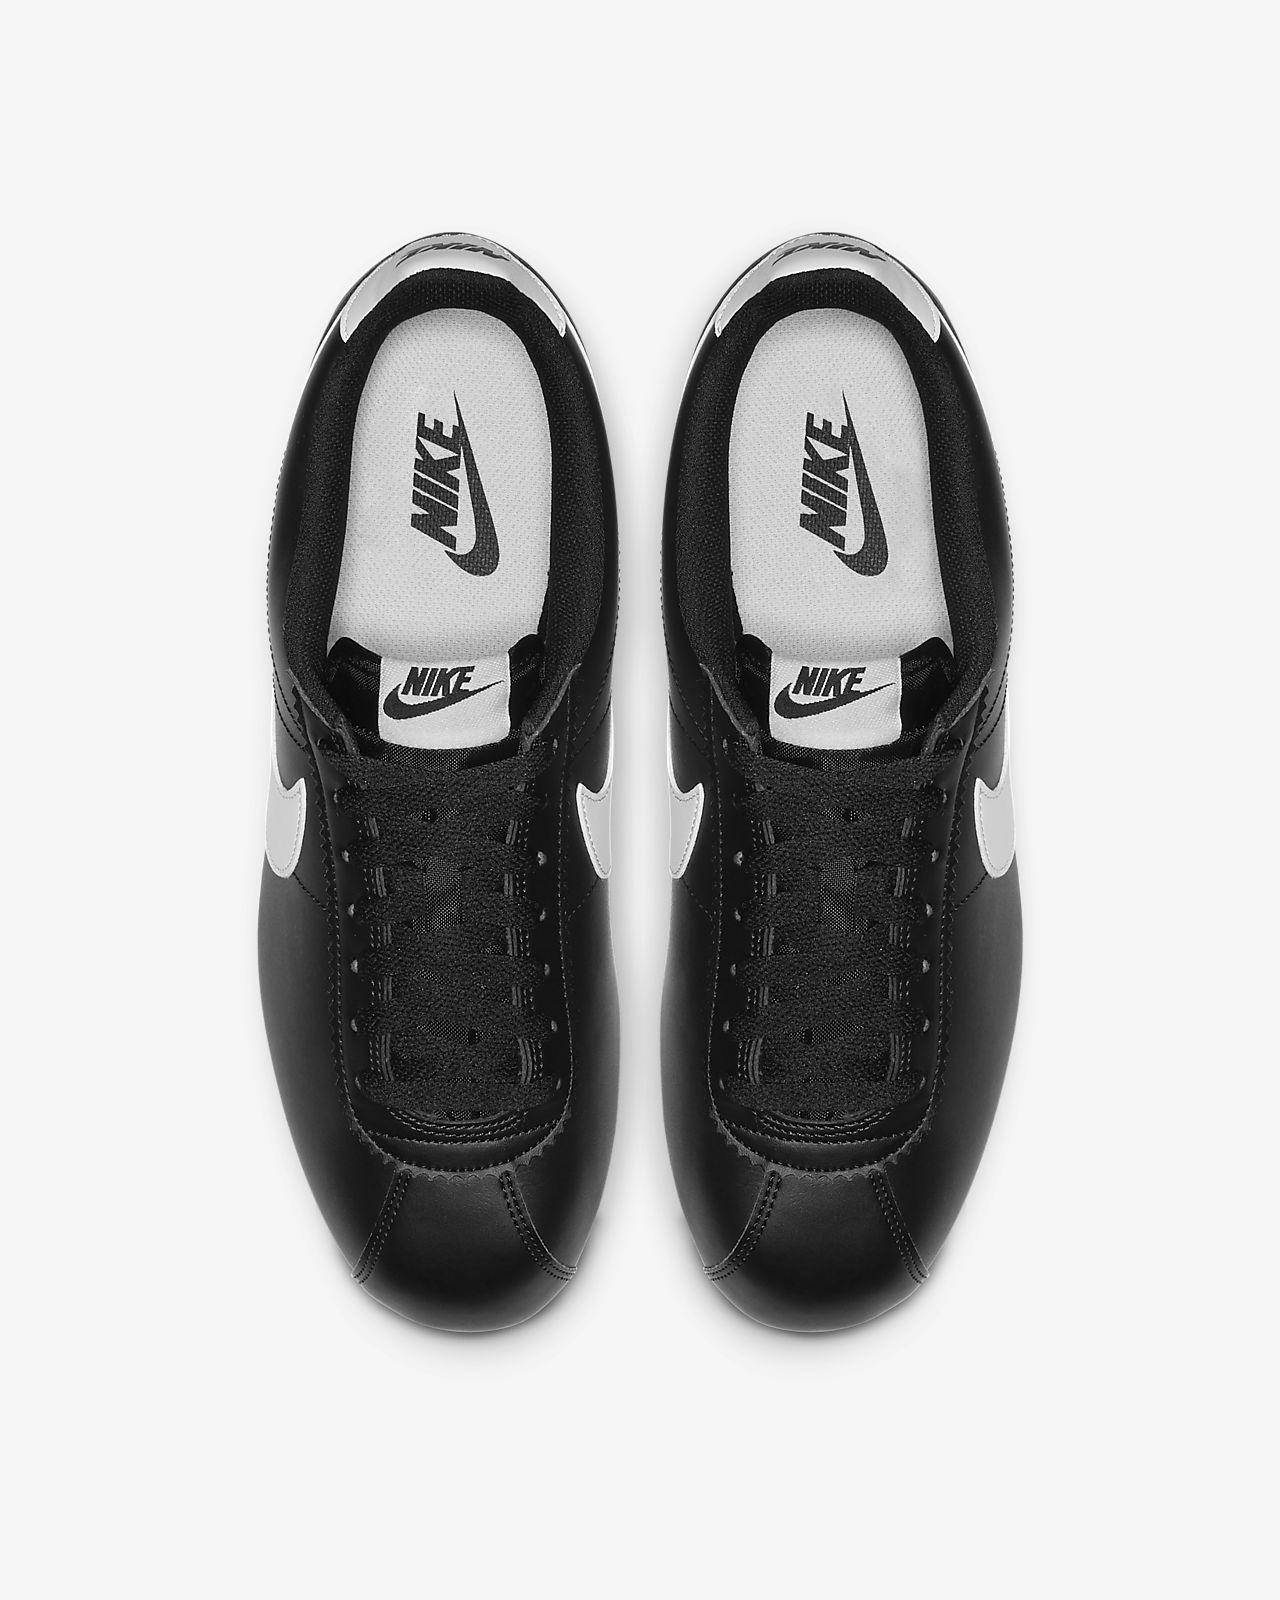 928d87c1aae7 Nike Classic Cortez Women s Shoe. Nike.com